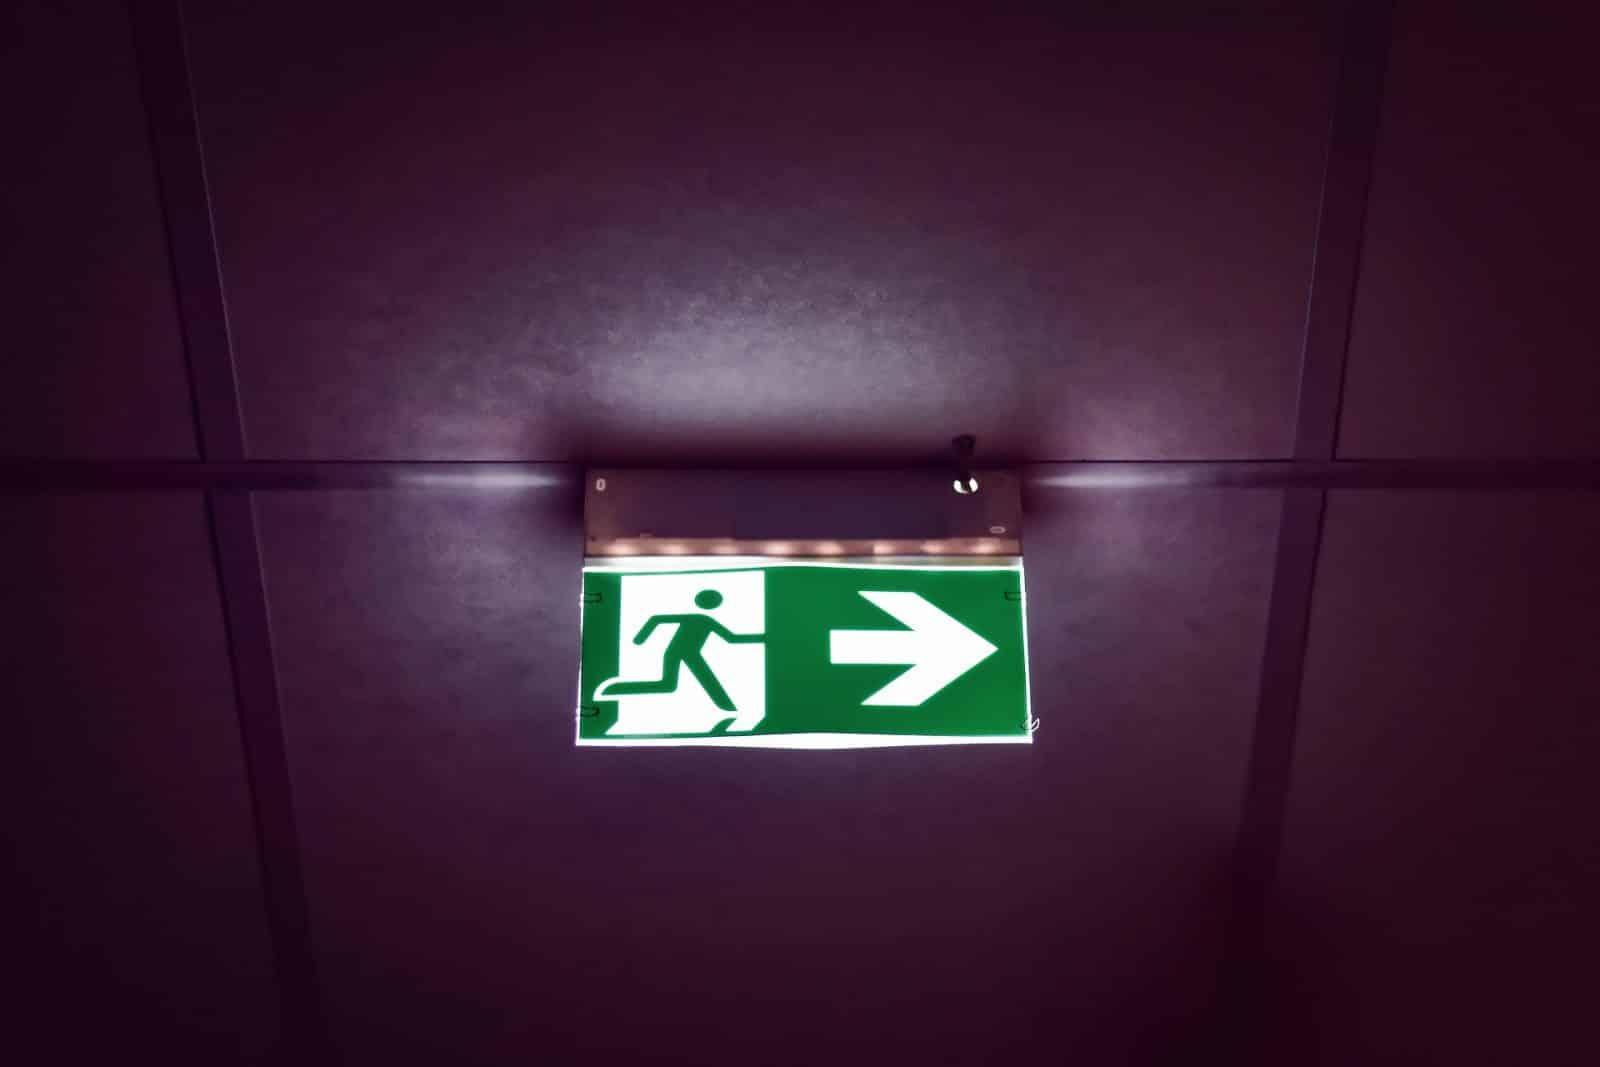 A sinalização de emergência garante a livre circulação das pessoas – moradores, funcionários, clientes, entre outros – de forma segura.